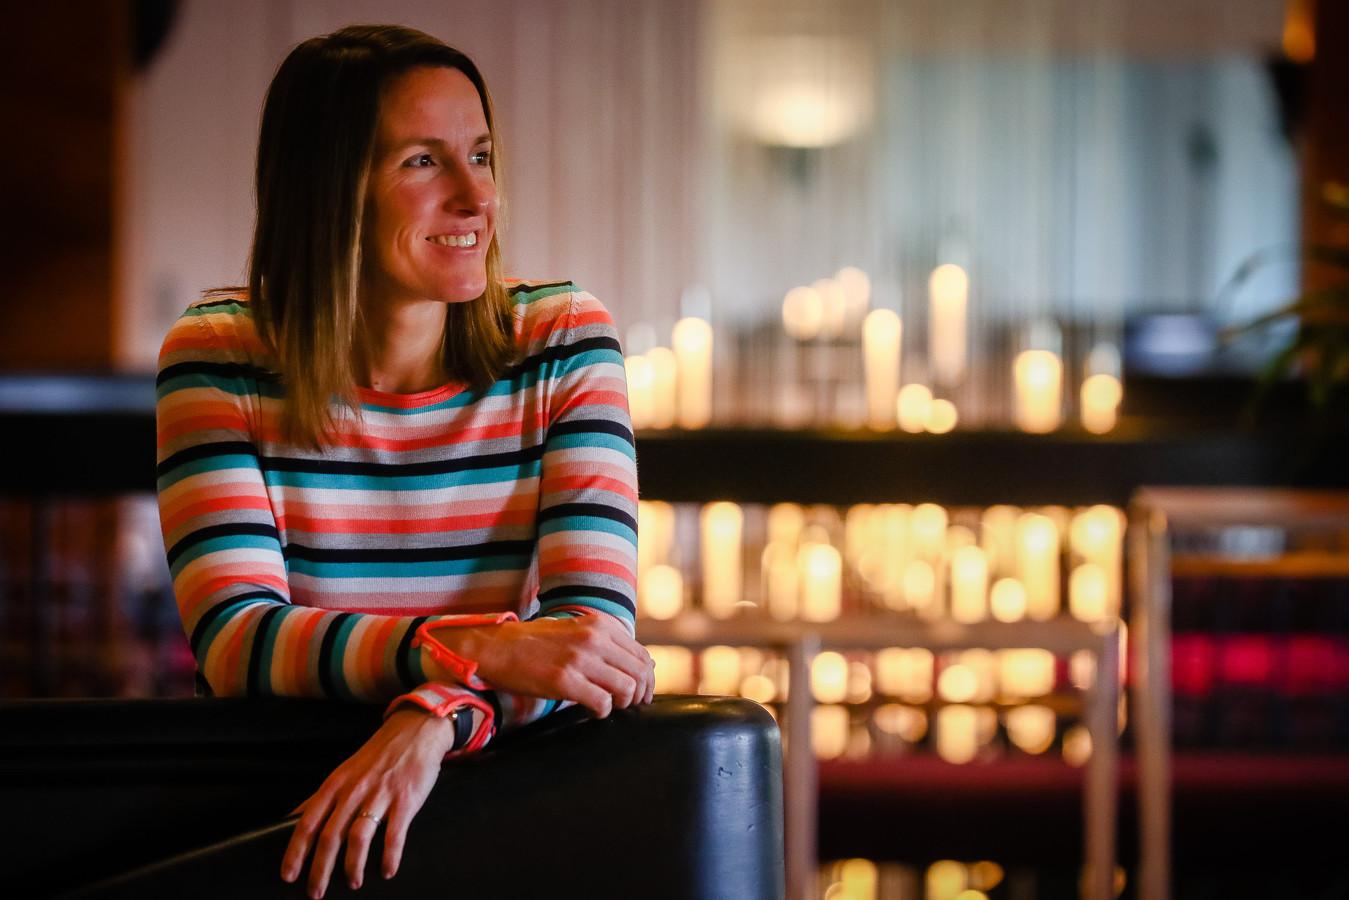 Justine Henin is nieuwe tennisanalyticus voor Eurosport.